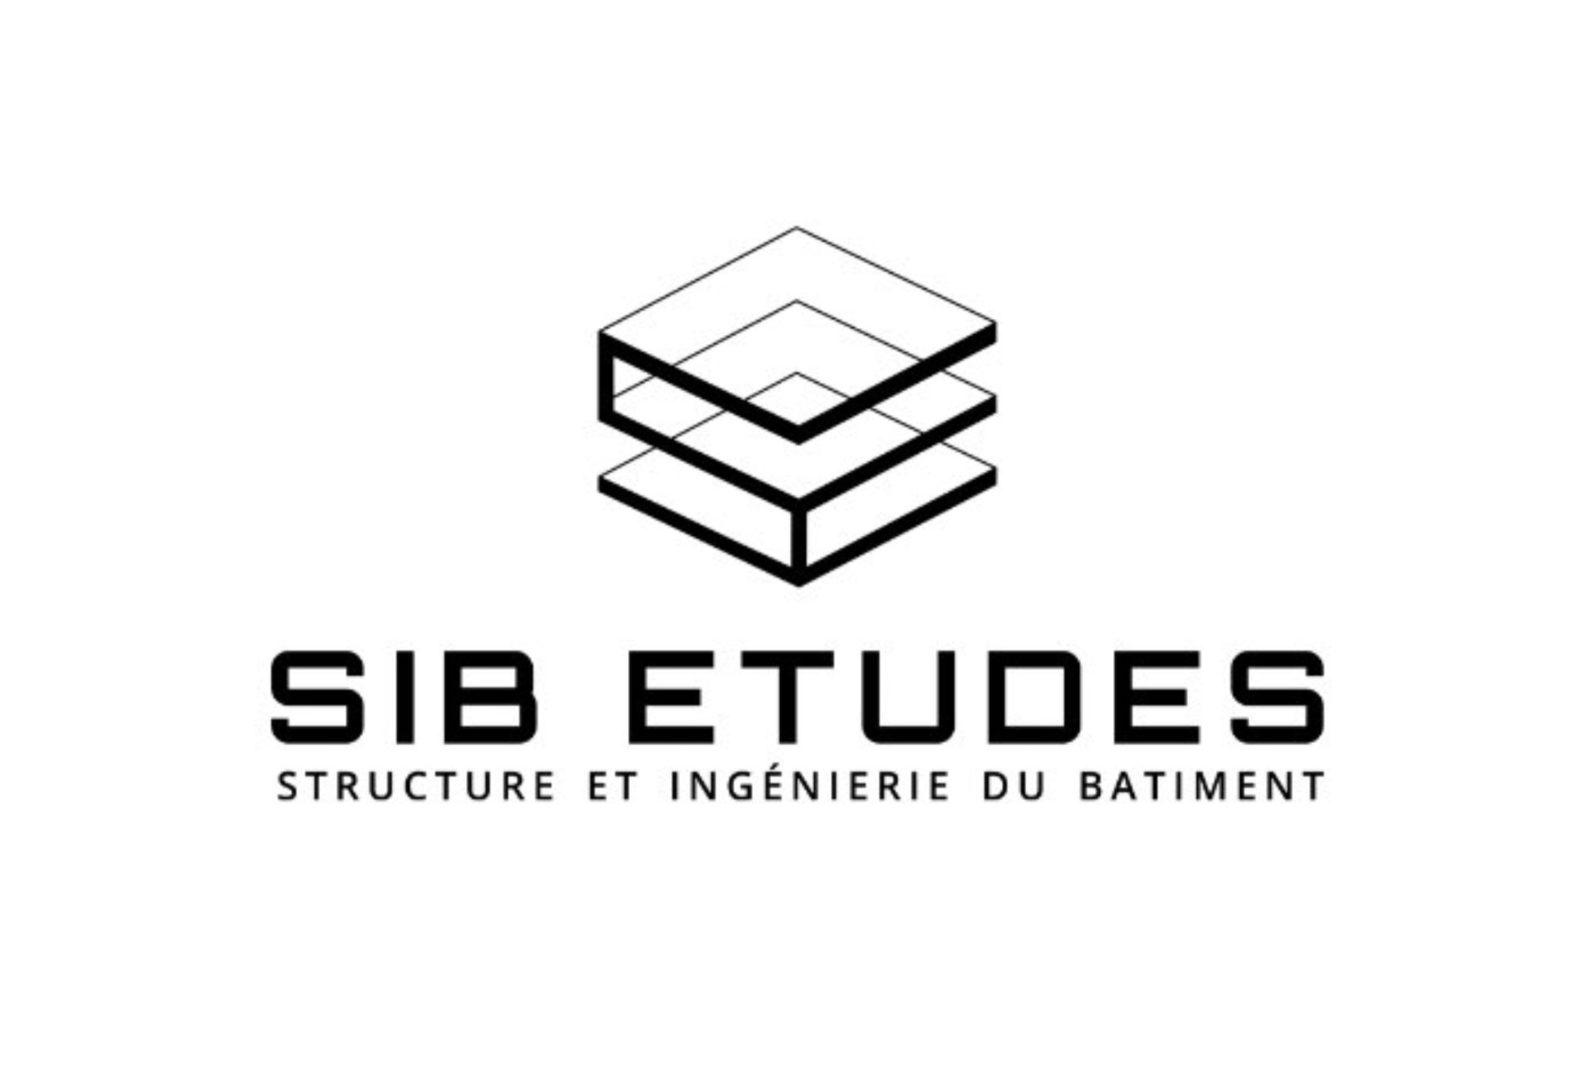 SIB etudes